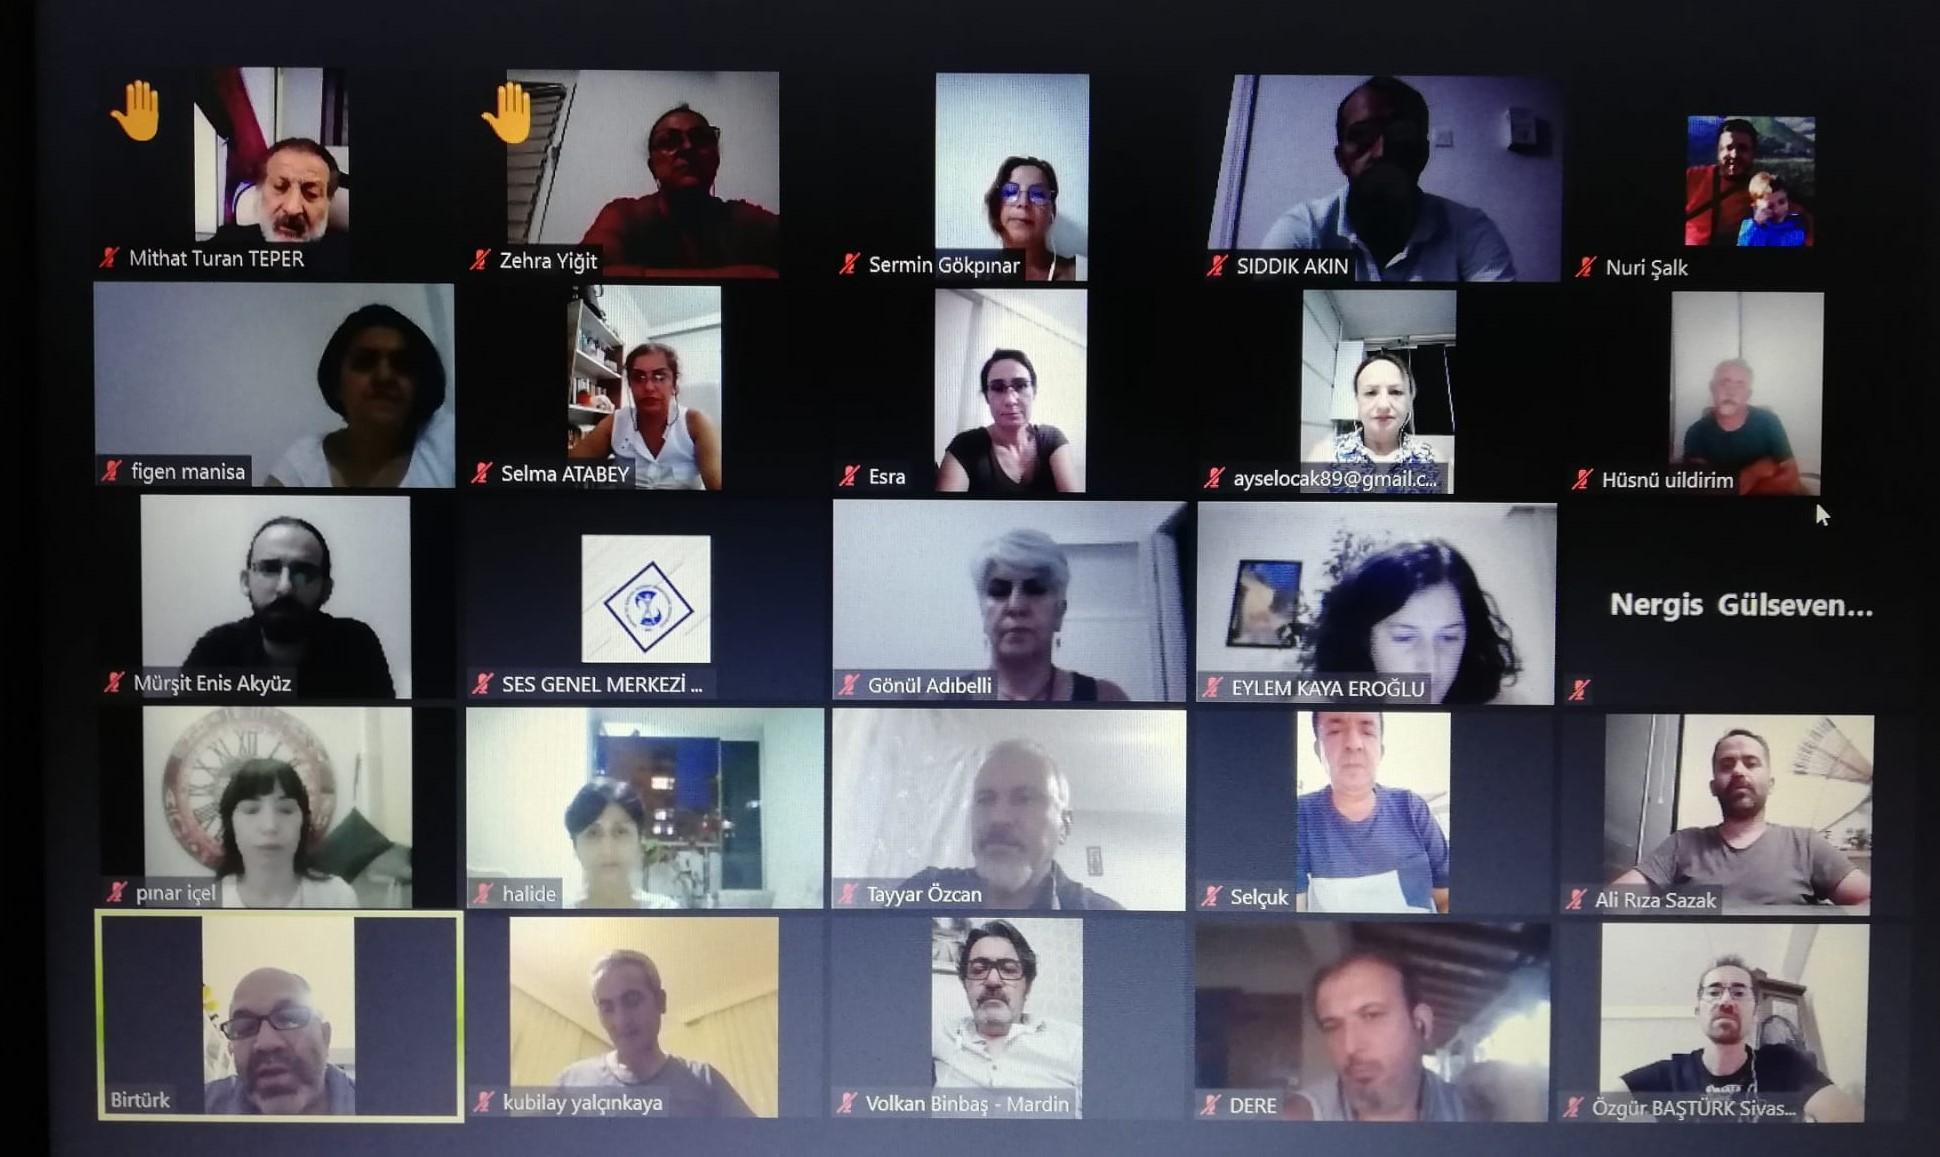 Aile Hekimliği Ödeme ve Sözleşme Yönetmeliği'ne Karşı ASM-TSM Emekçileri ve Şube/Temsilcilik Yöneticilerimizle Çevrimiçi Toplantıda Bir Araya Geldik